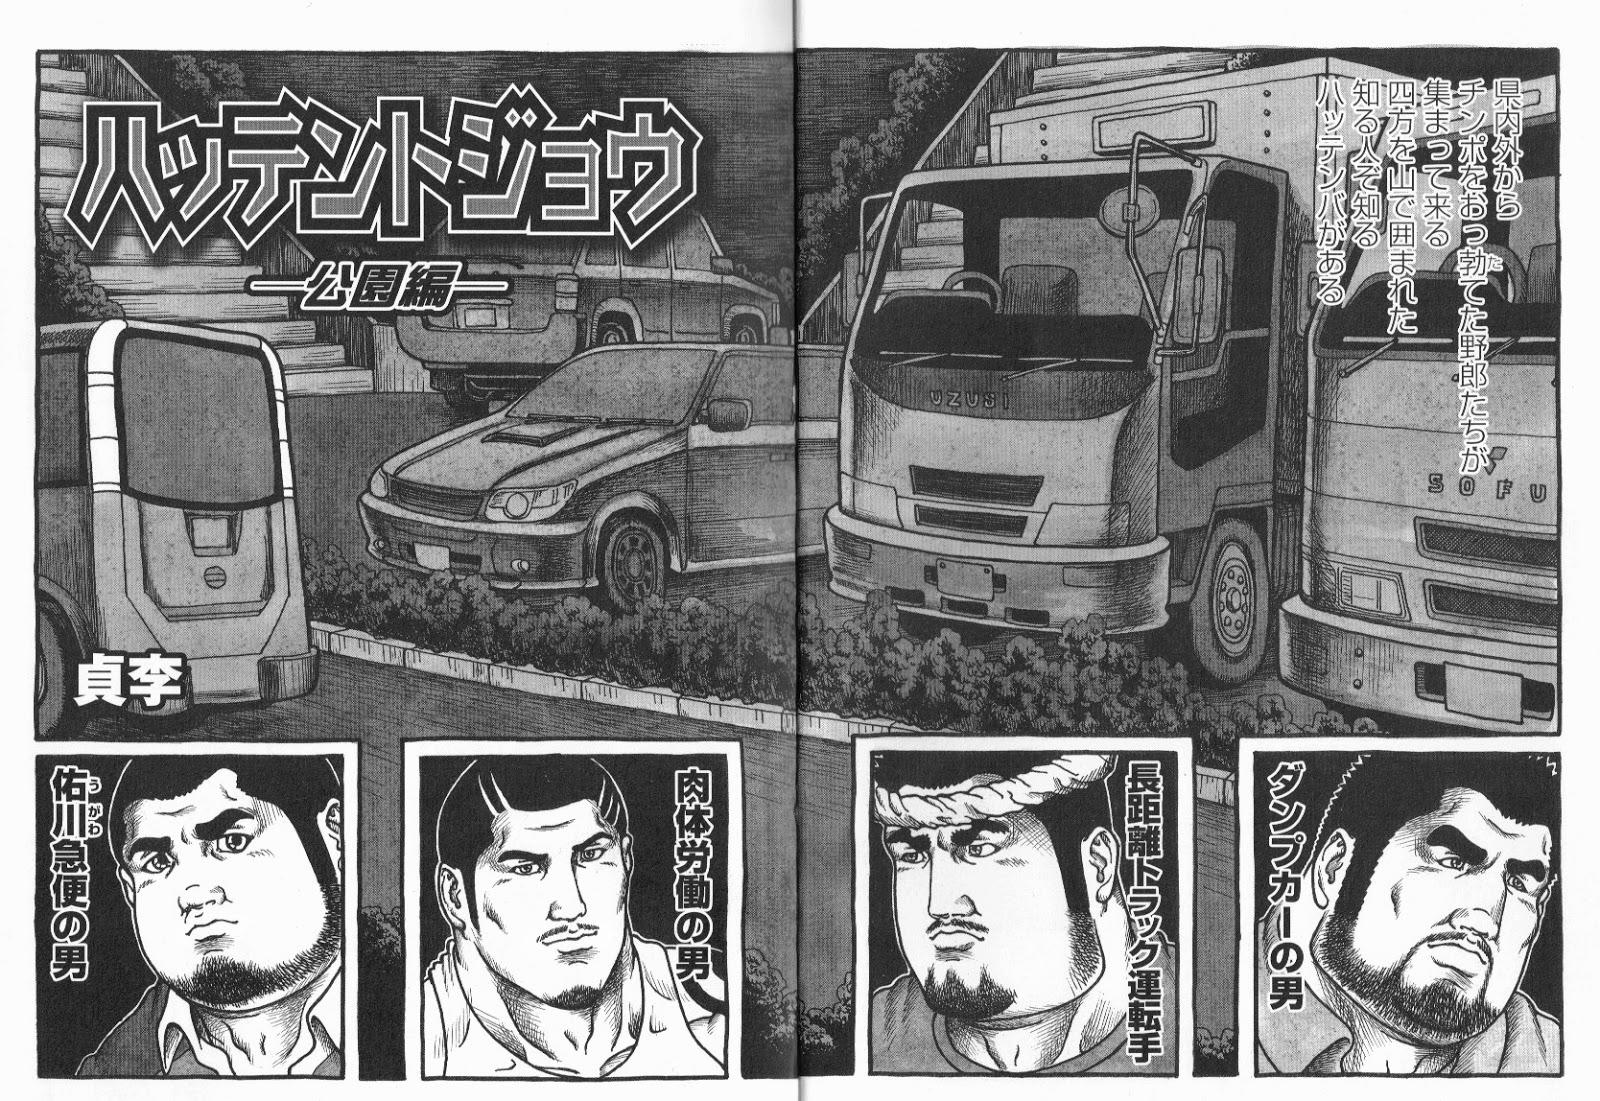 bara, Big penis, Ebisubashi Seizoh, Ichikawa Kazuhide, Kihira Kai, Muscle, Netcub, Noda Gaku, Sada Rin, Senkan Komomo, TAMA, Terujirou, Toratoru, Ushiman, yaoi, Manga, G-Men Gaho, Vol1,